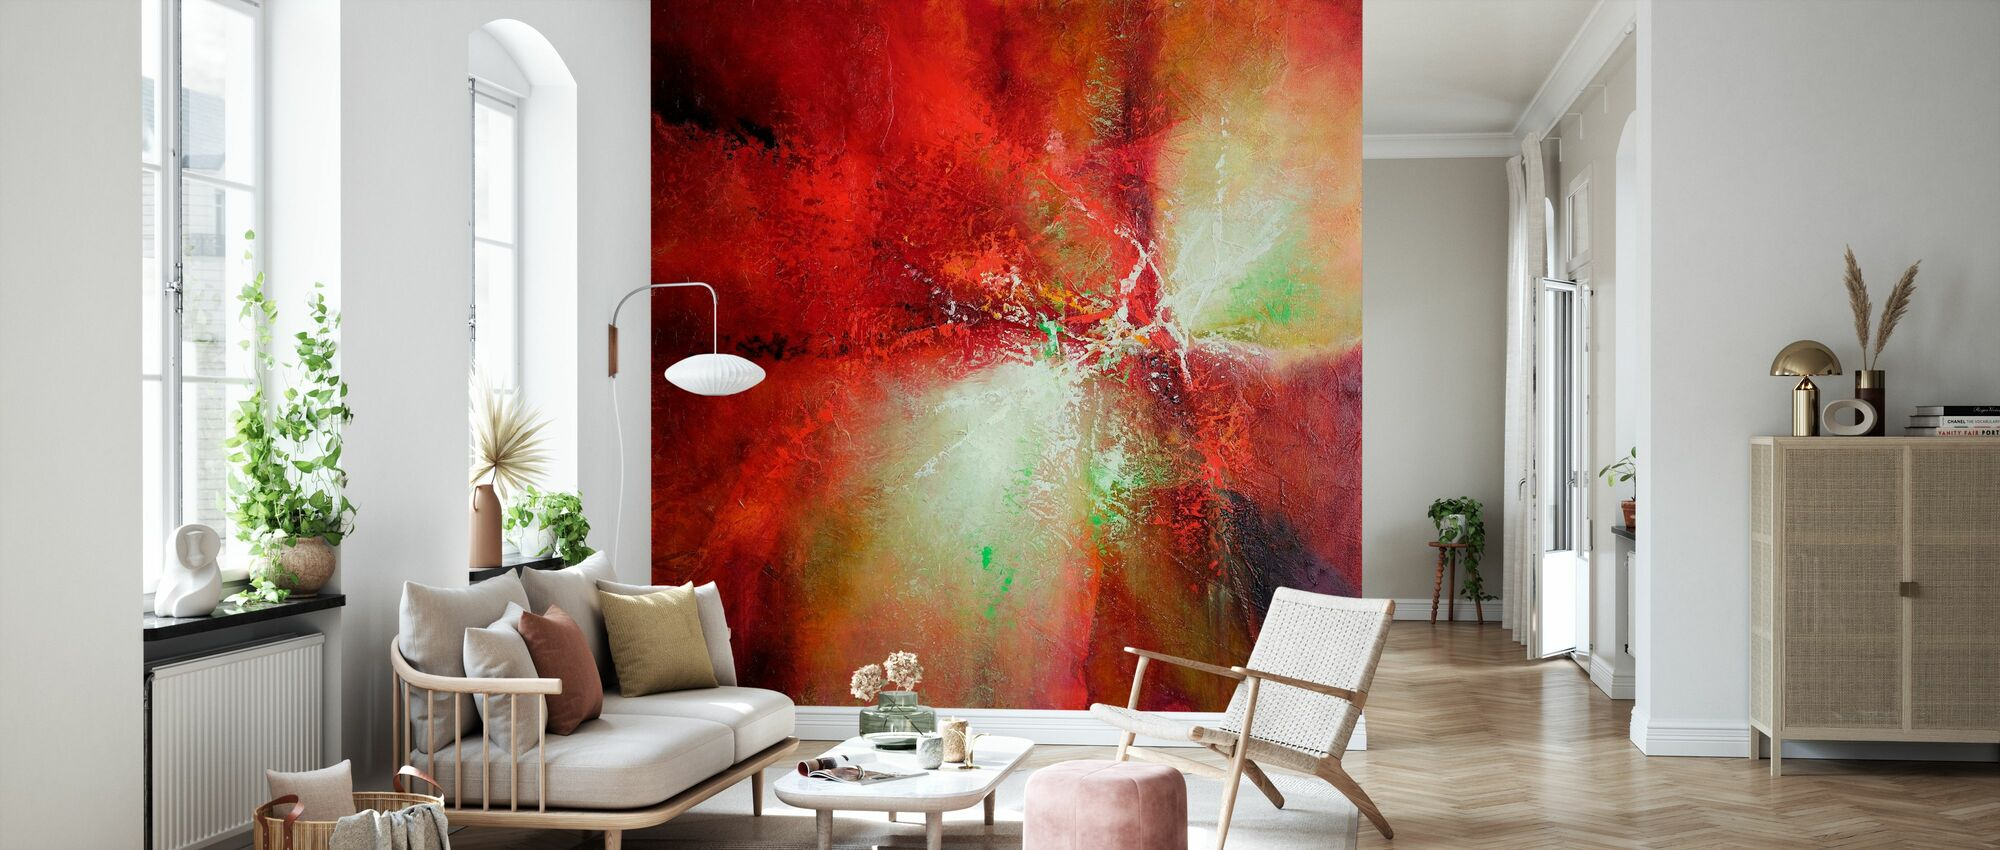 Energy - Wallpaper - Living Room